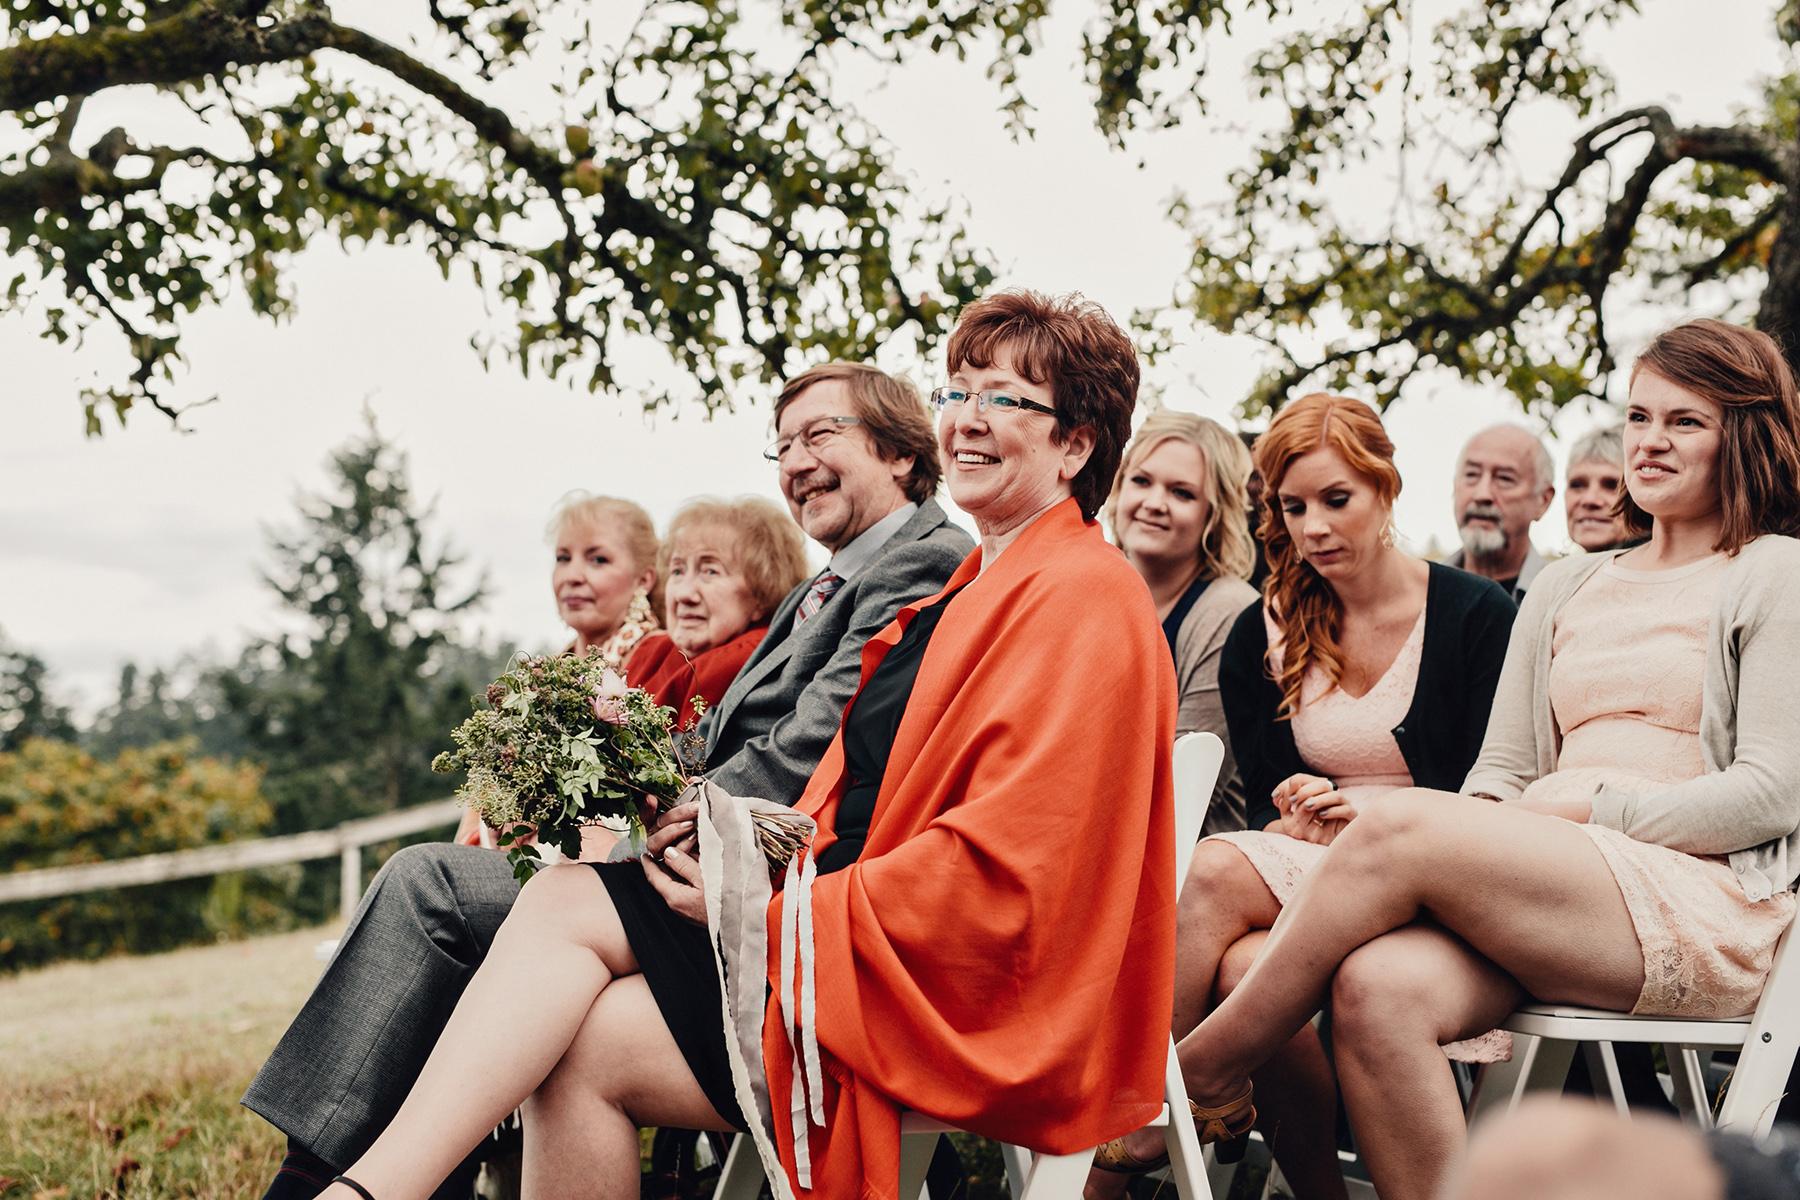 Glenrosa-Farms-Wedding-Photos-0233.jpg